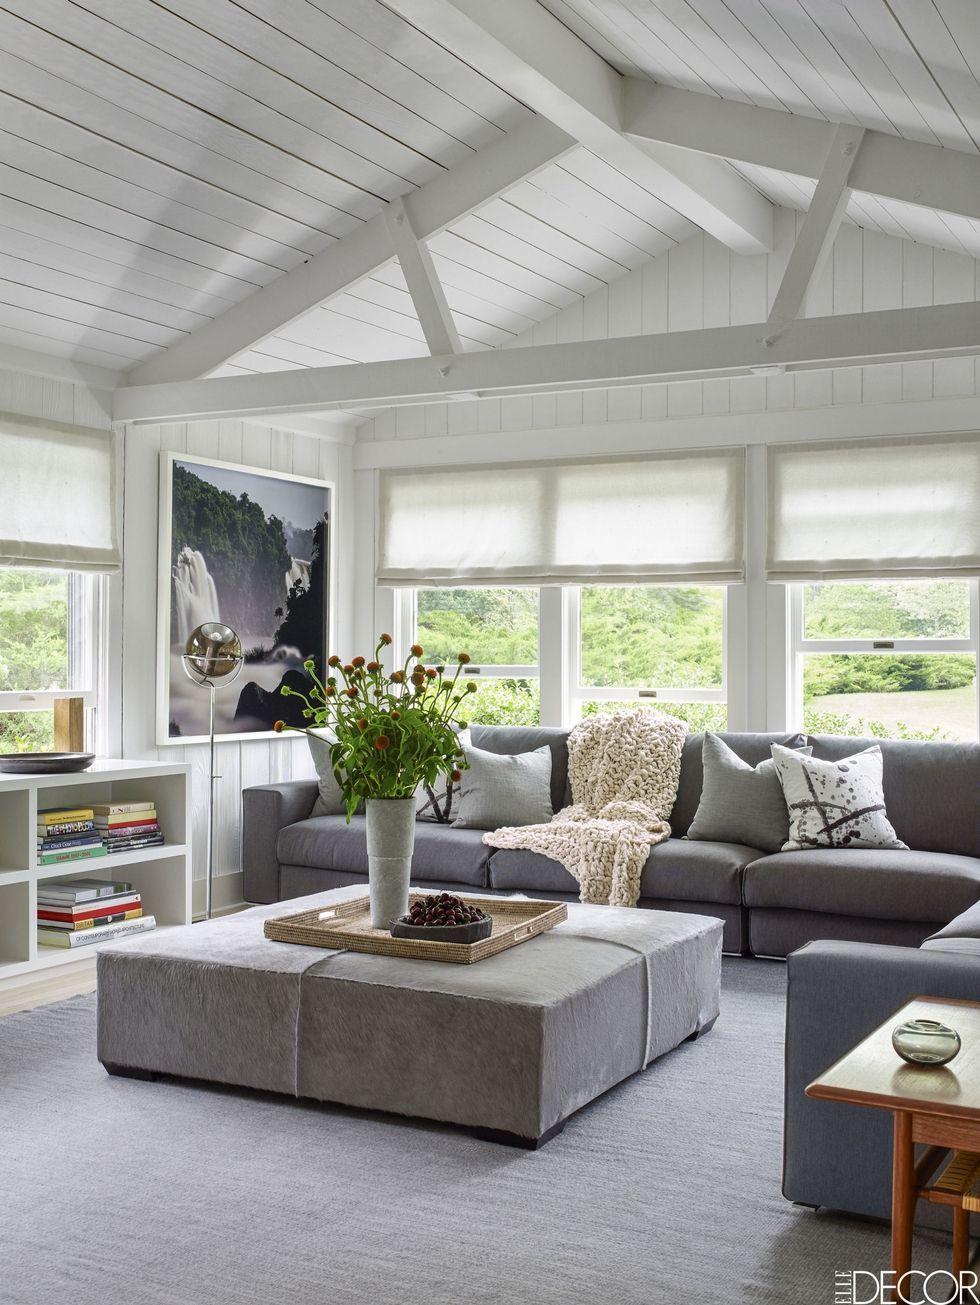 25 Minimalist Living Rooms - Minimalist Furniture Ideas ... on Minimalist Living Room Design  id=53331